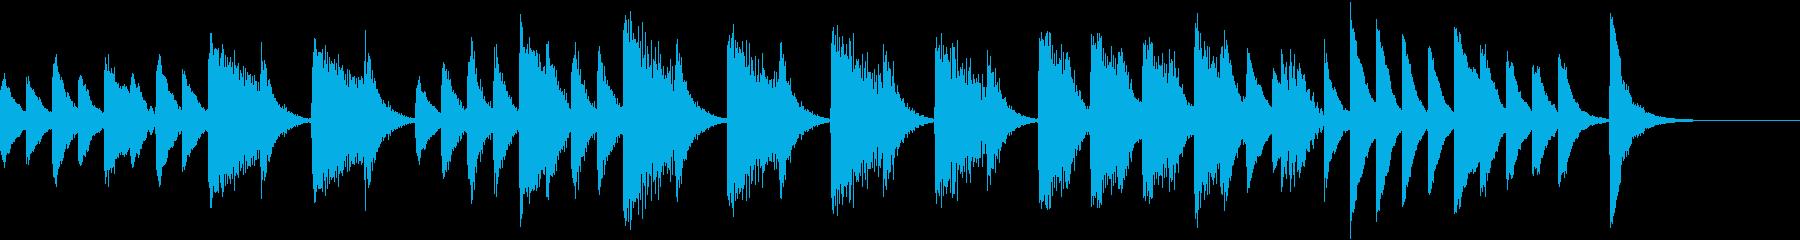 ゲロゲロ♪のんきなカエルのピアノジングルの再生済みの波形